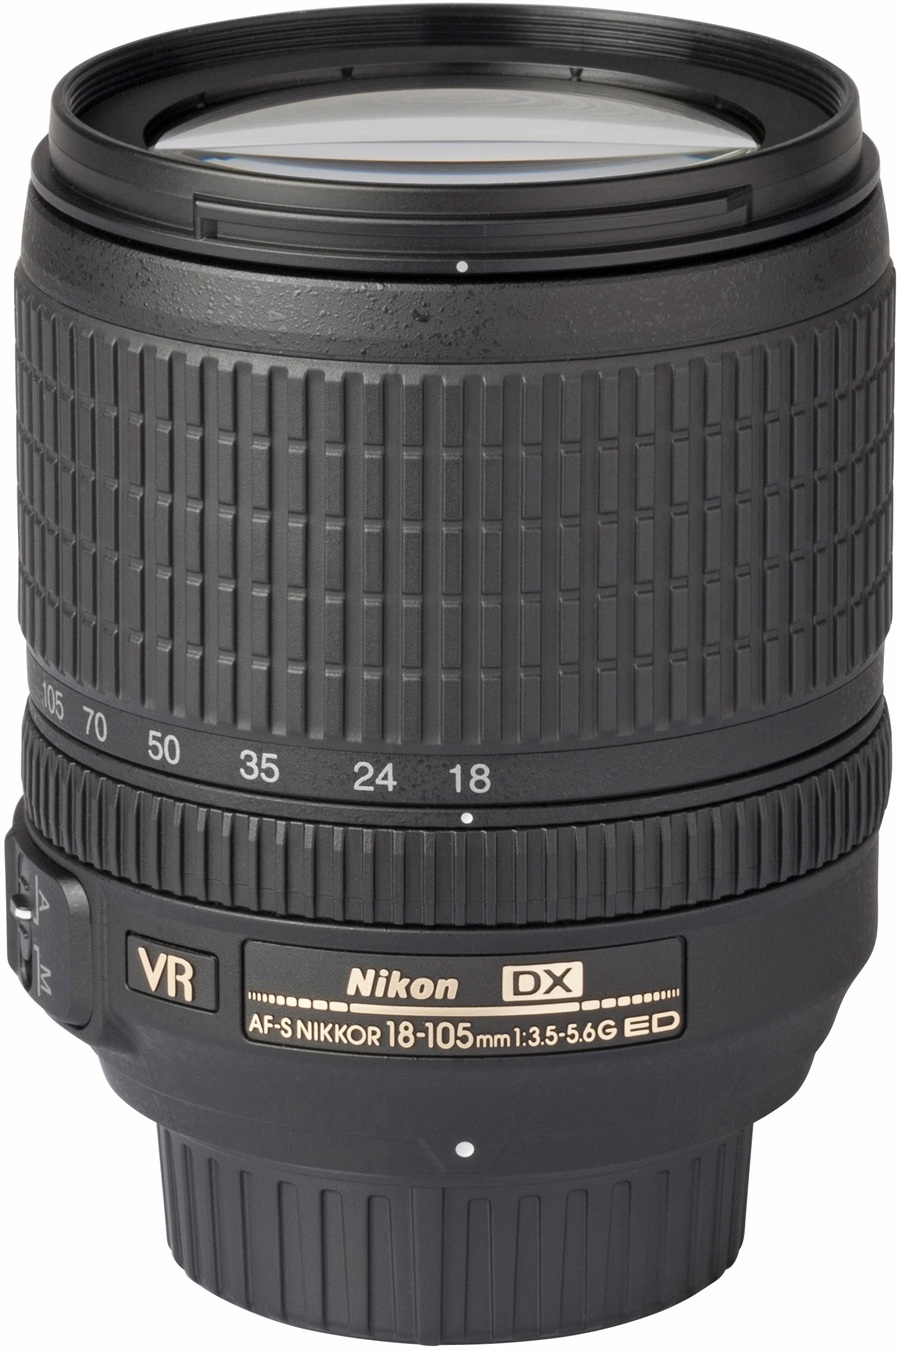 hightech appareils photo comparateur numeriques faites le bon choix nikon d af s dx nikkor  mm f g ed vr